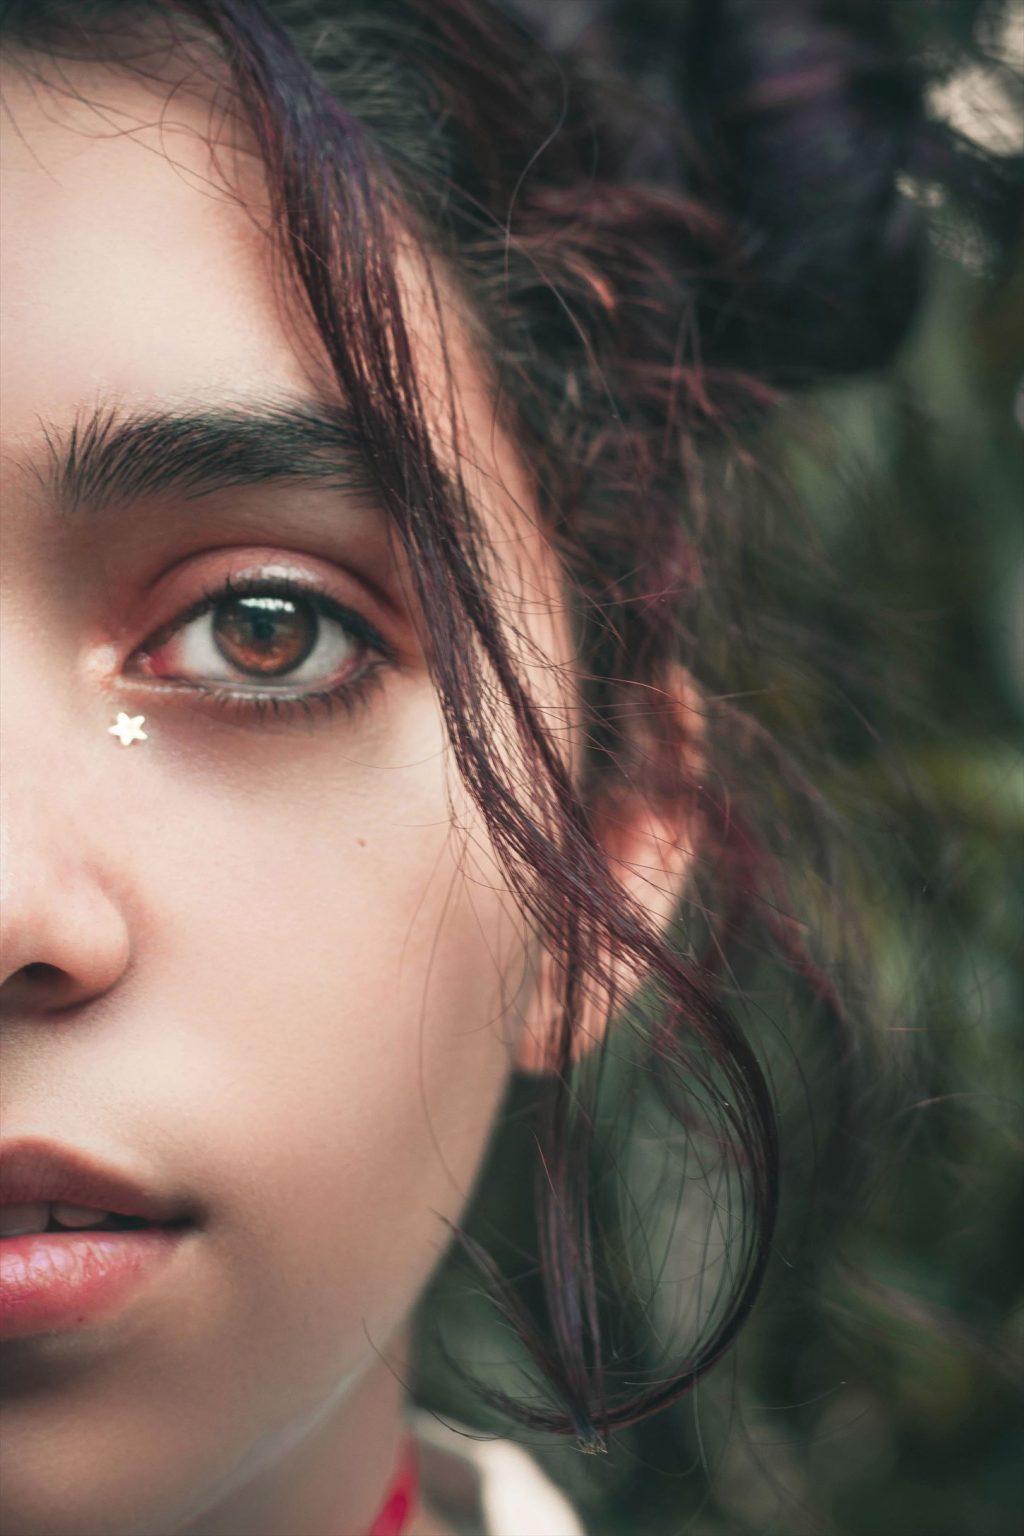 Cách làm mặt nạ-Cô gái dán ngôi sao ngay mắt.